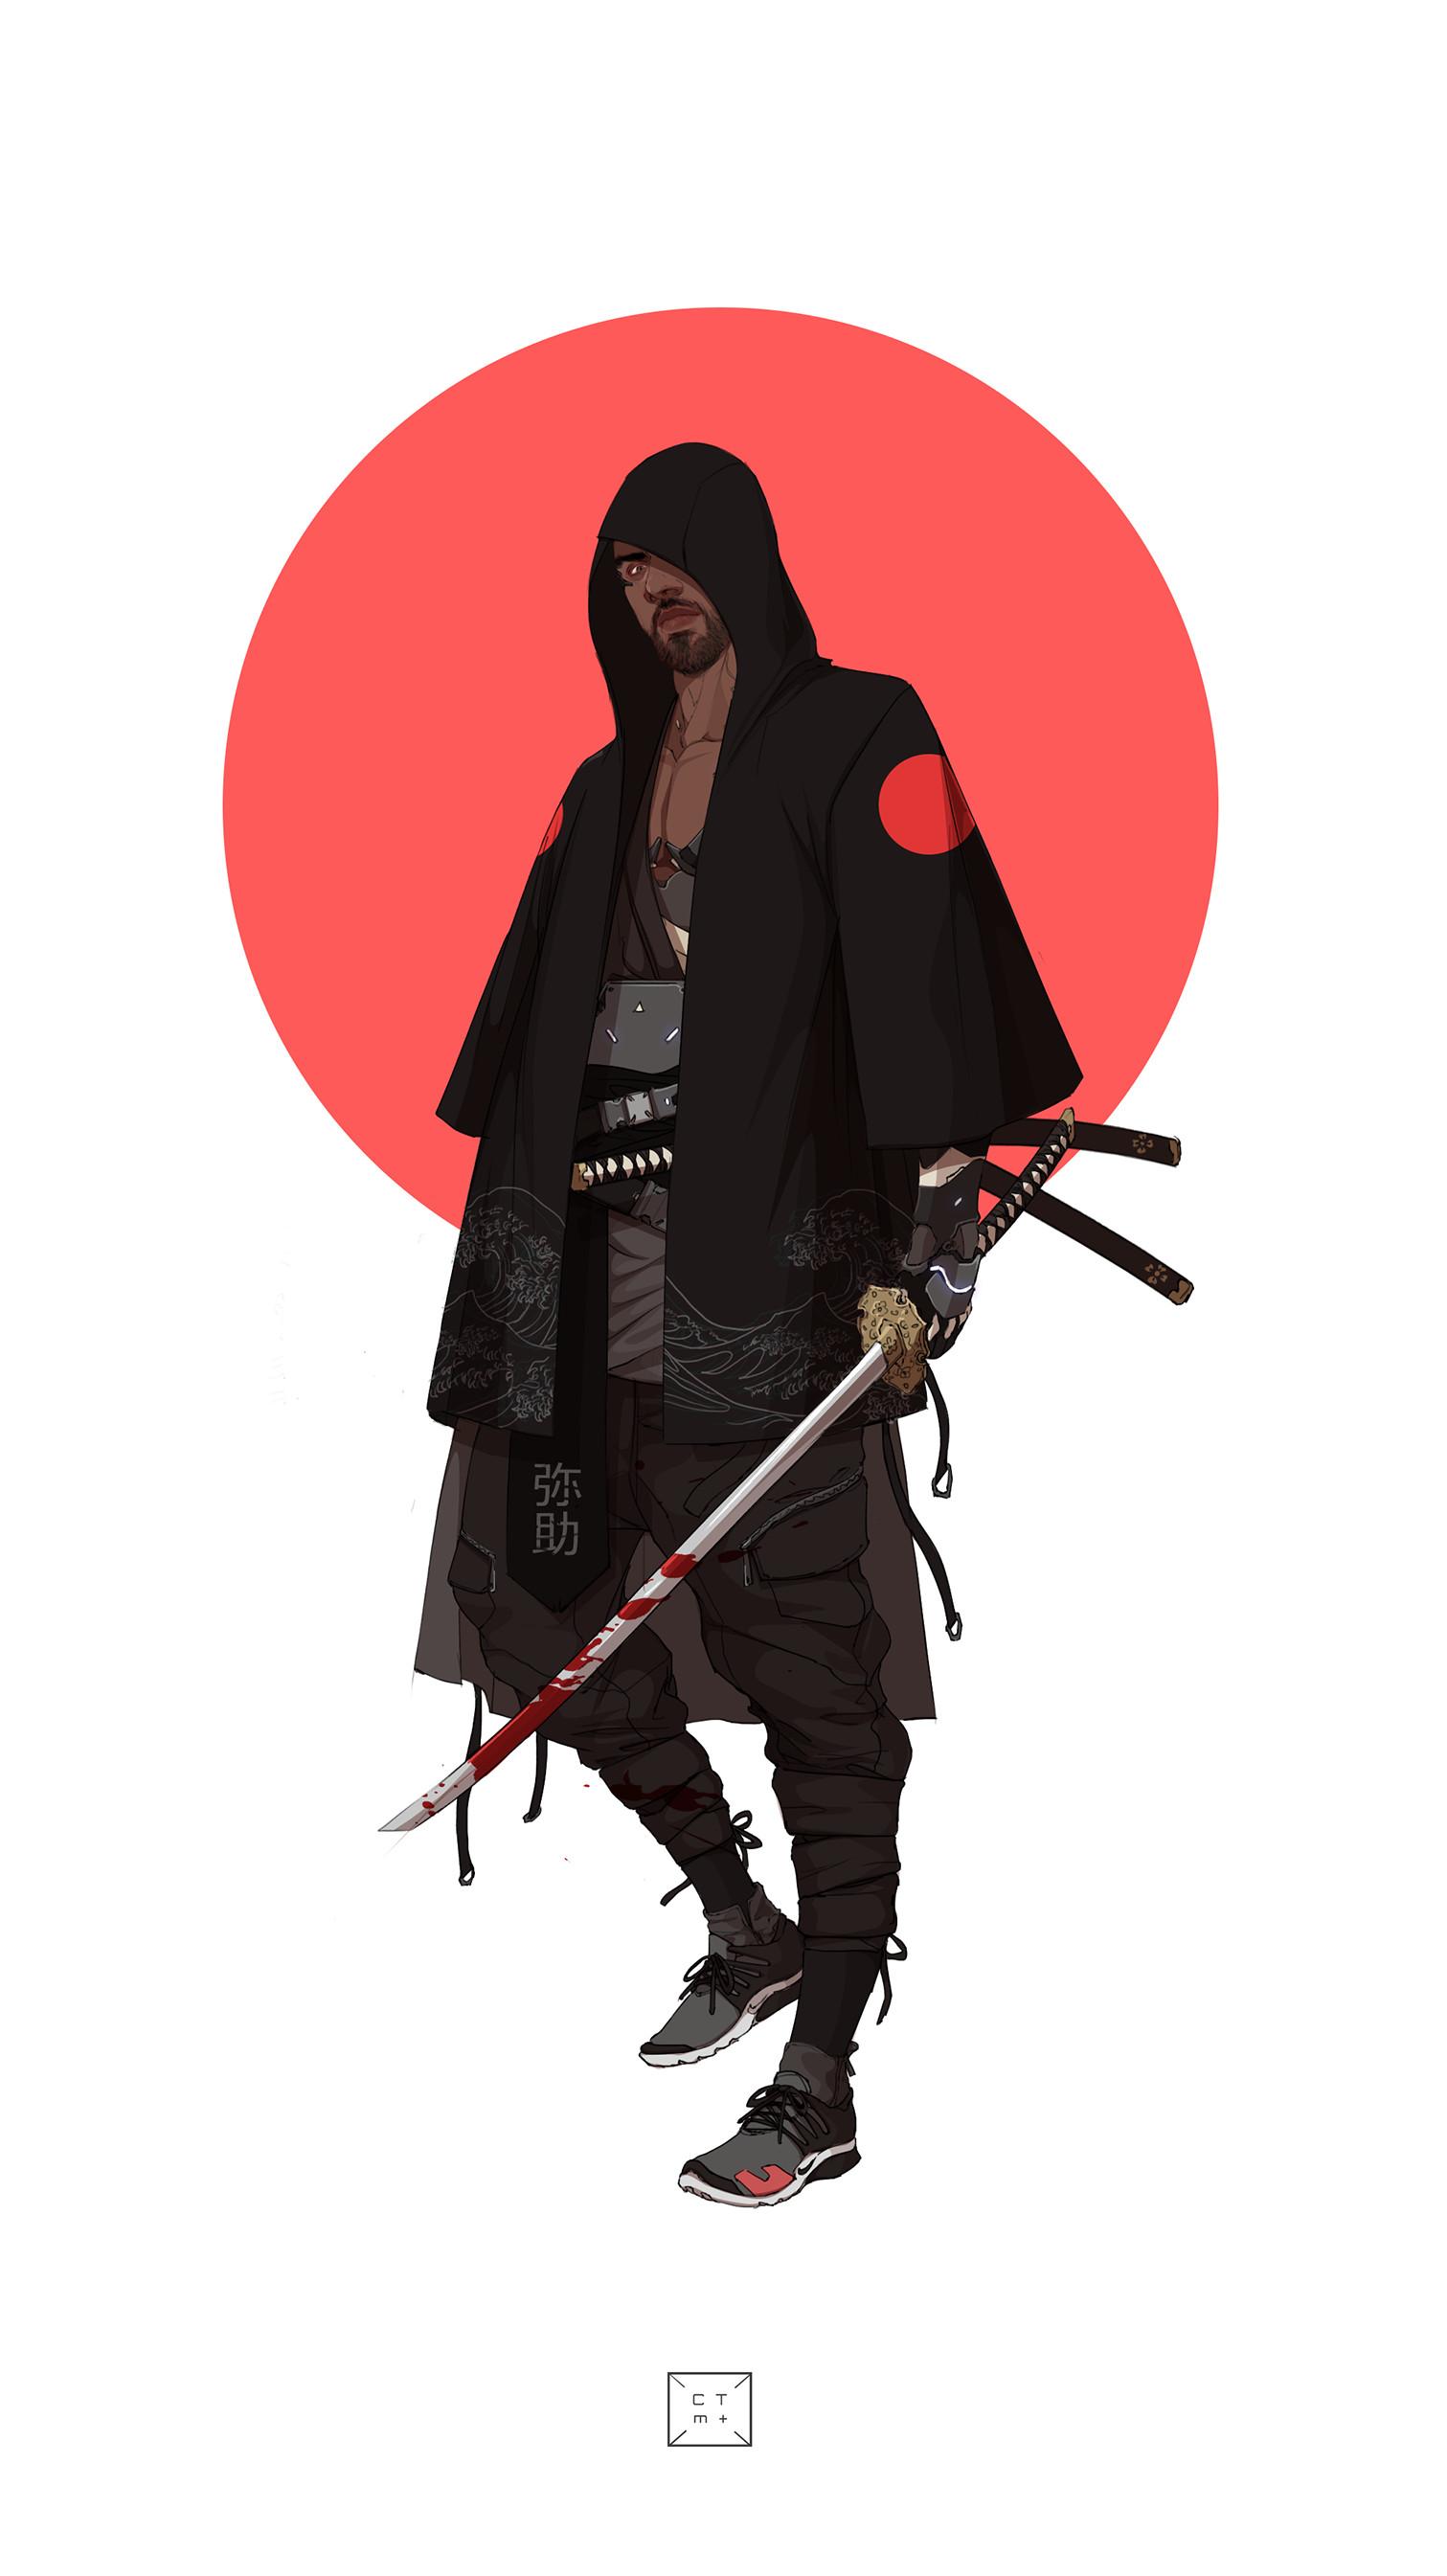 Artstation Neo Samurai Series 2 Yasuke Manilyn Toledana Yaşadığı yerde geçimini masaj yaparak ve kazandığı para ile kumar oynayarak sağlamaktadır. artstation neo samurai series 2